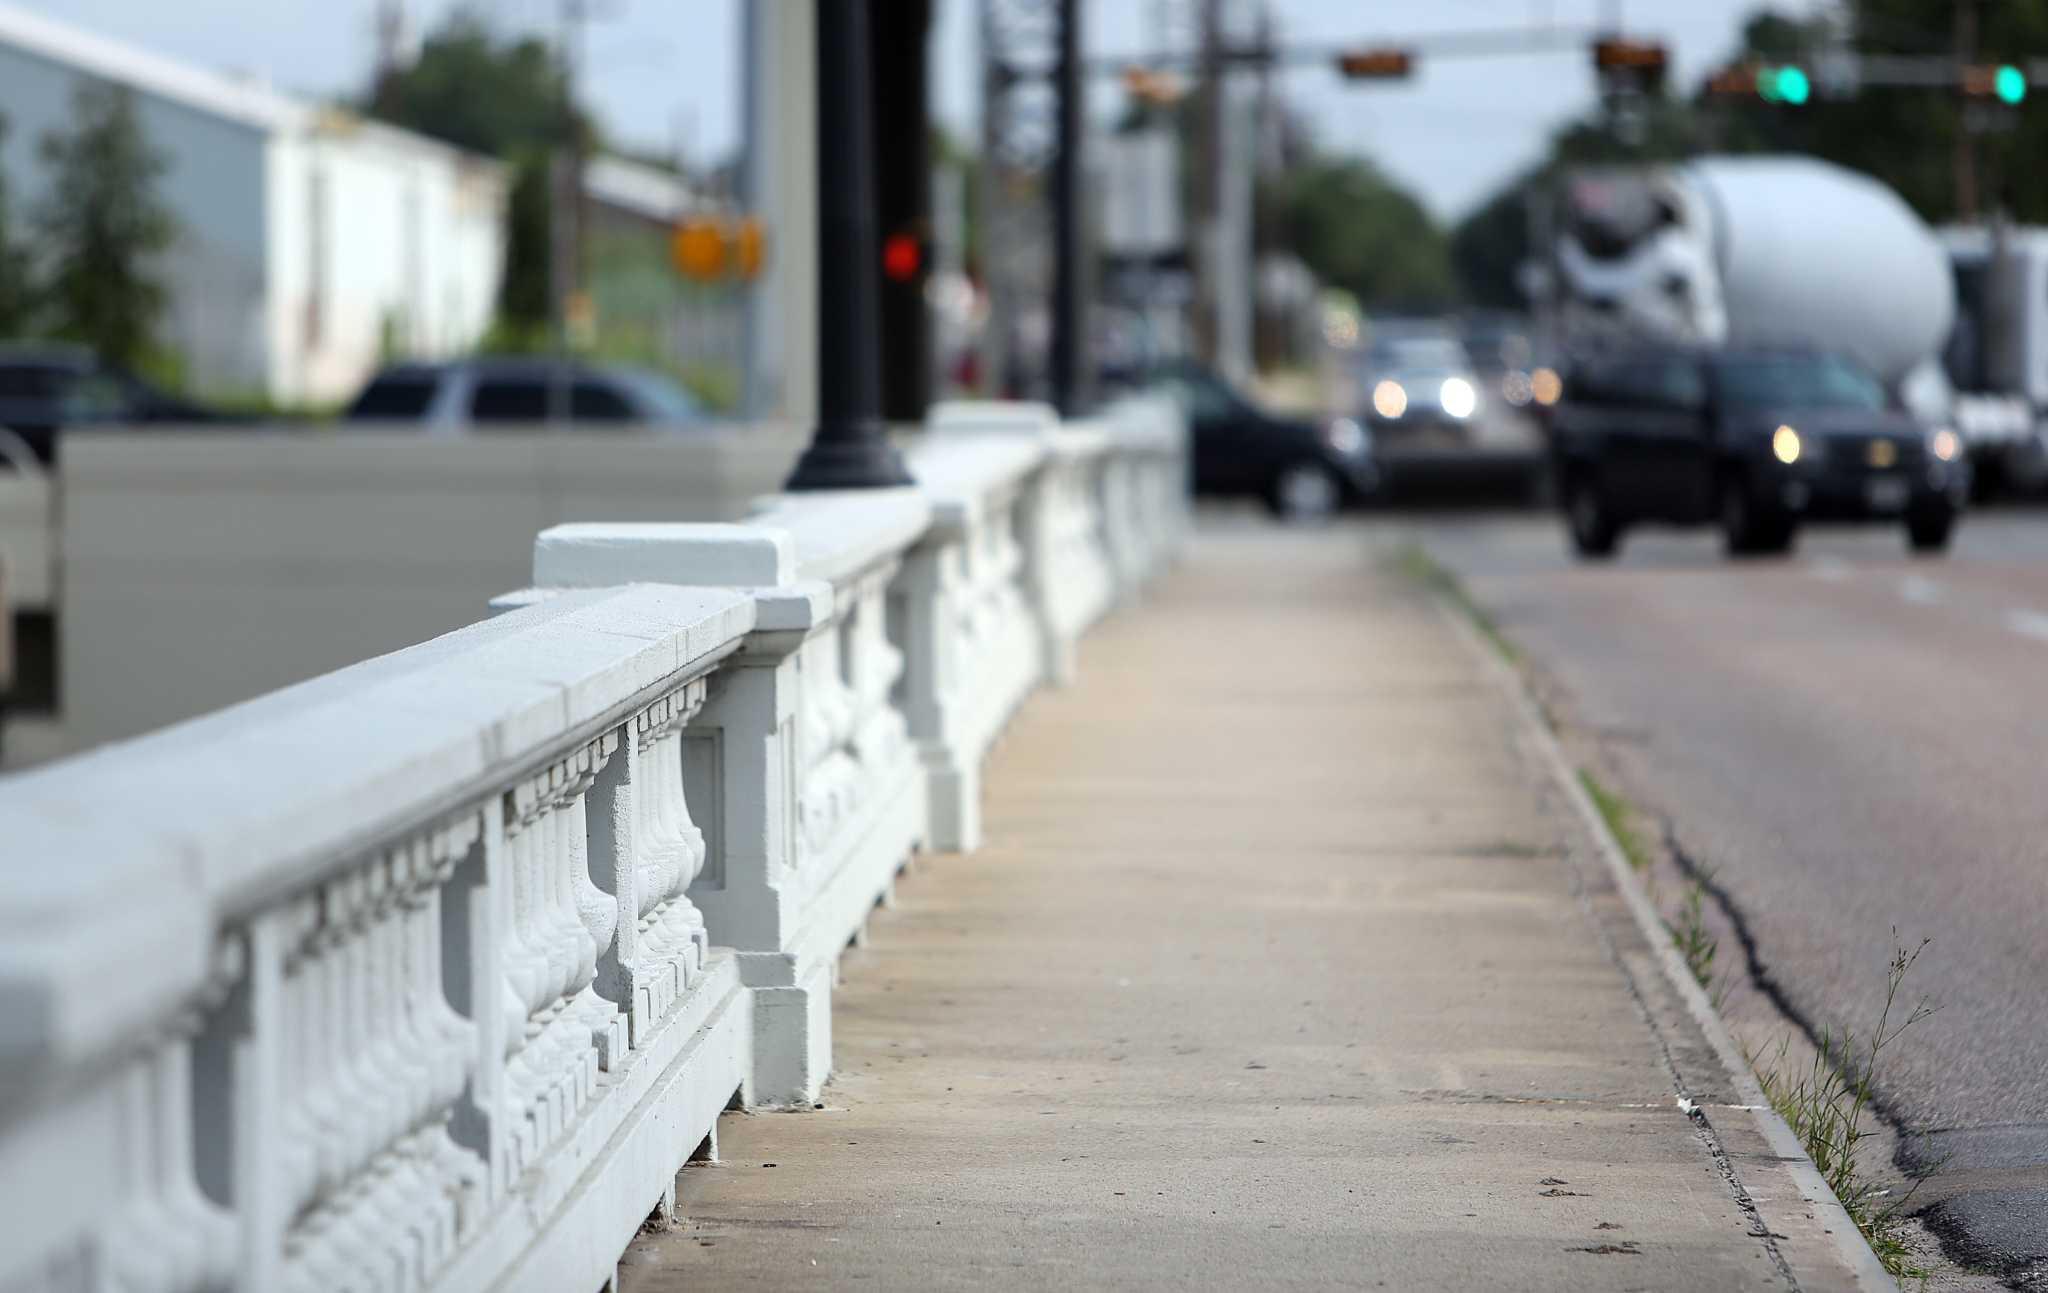 Houston-area bridges in need of repair - Chron.com